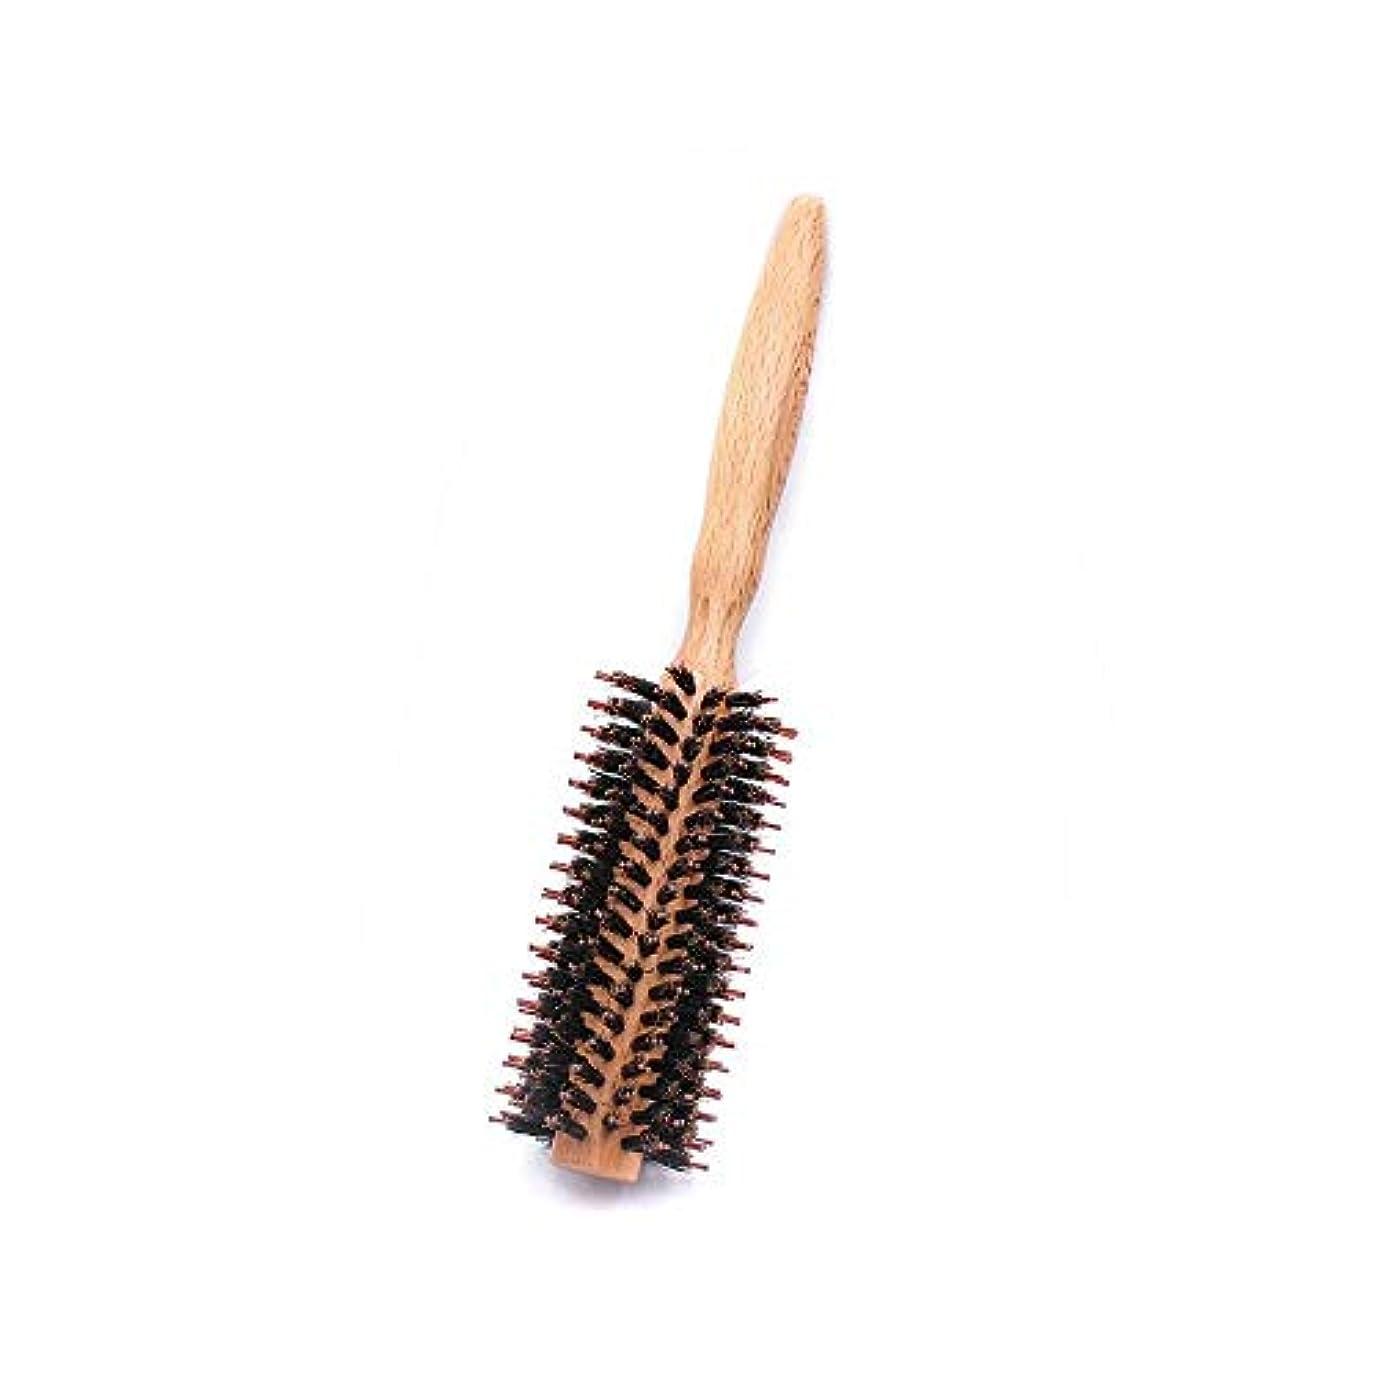 等価洗練されたペチュランスラウンドスタイリングヘアブラシ - ナチュラル木製ハンドルの櫛でドライヤー&カーリングロールヘアブラシフェラ ヘアケア (色 : M, サイズ : Straight)